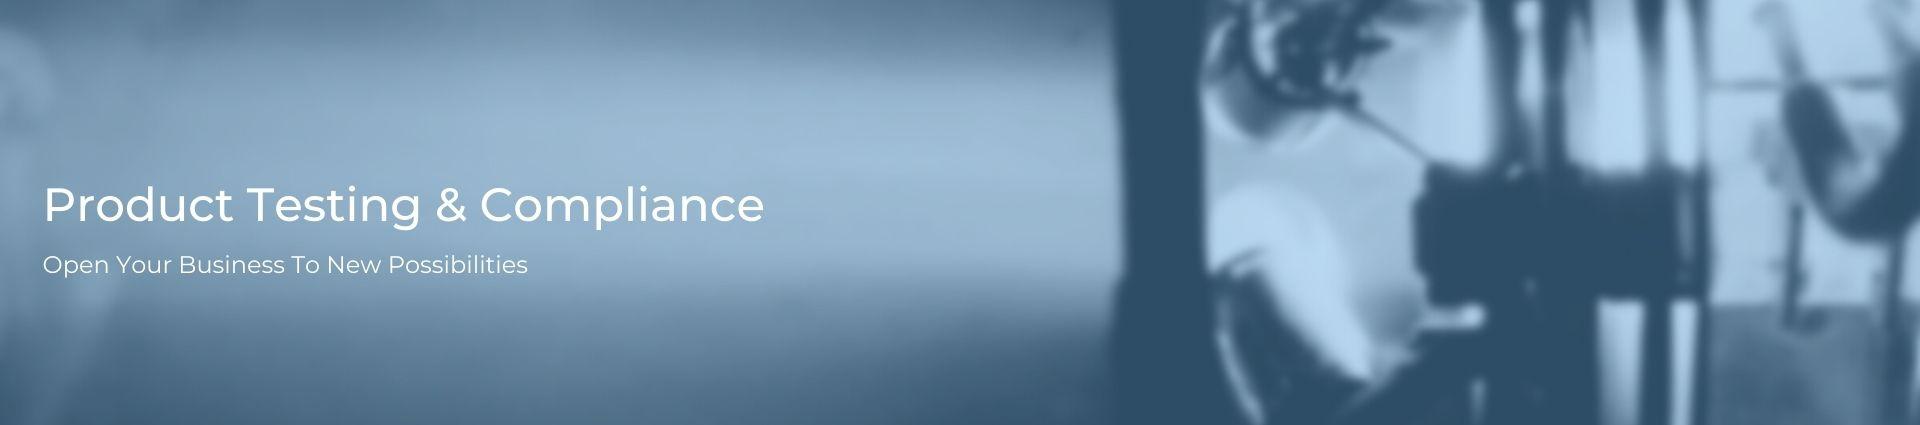 Xekera Product Testing & Compliance